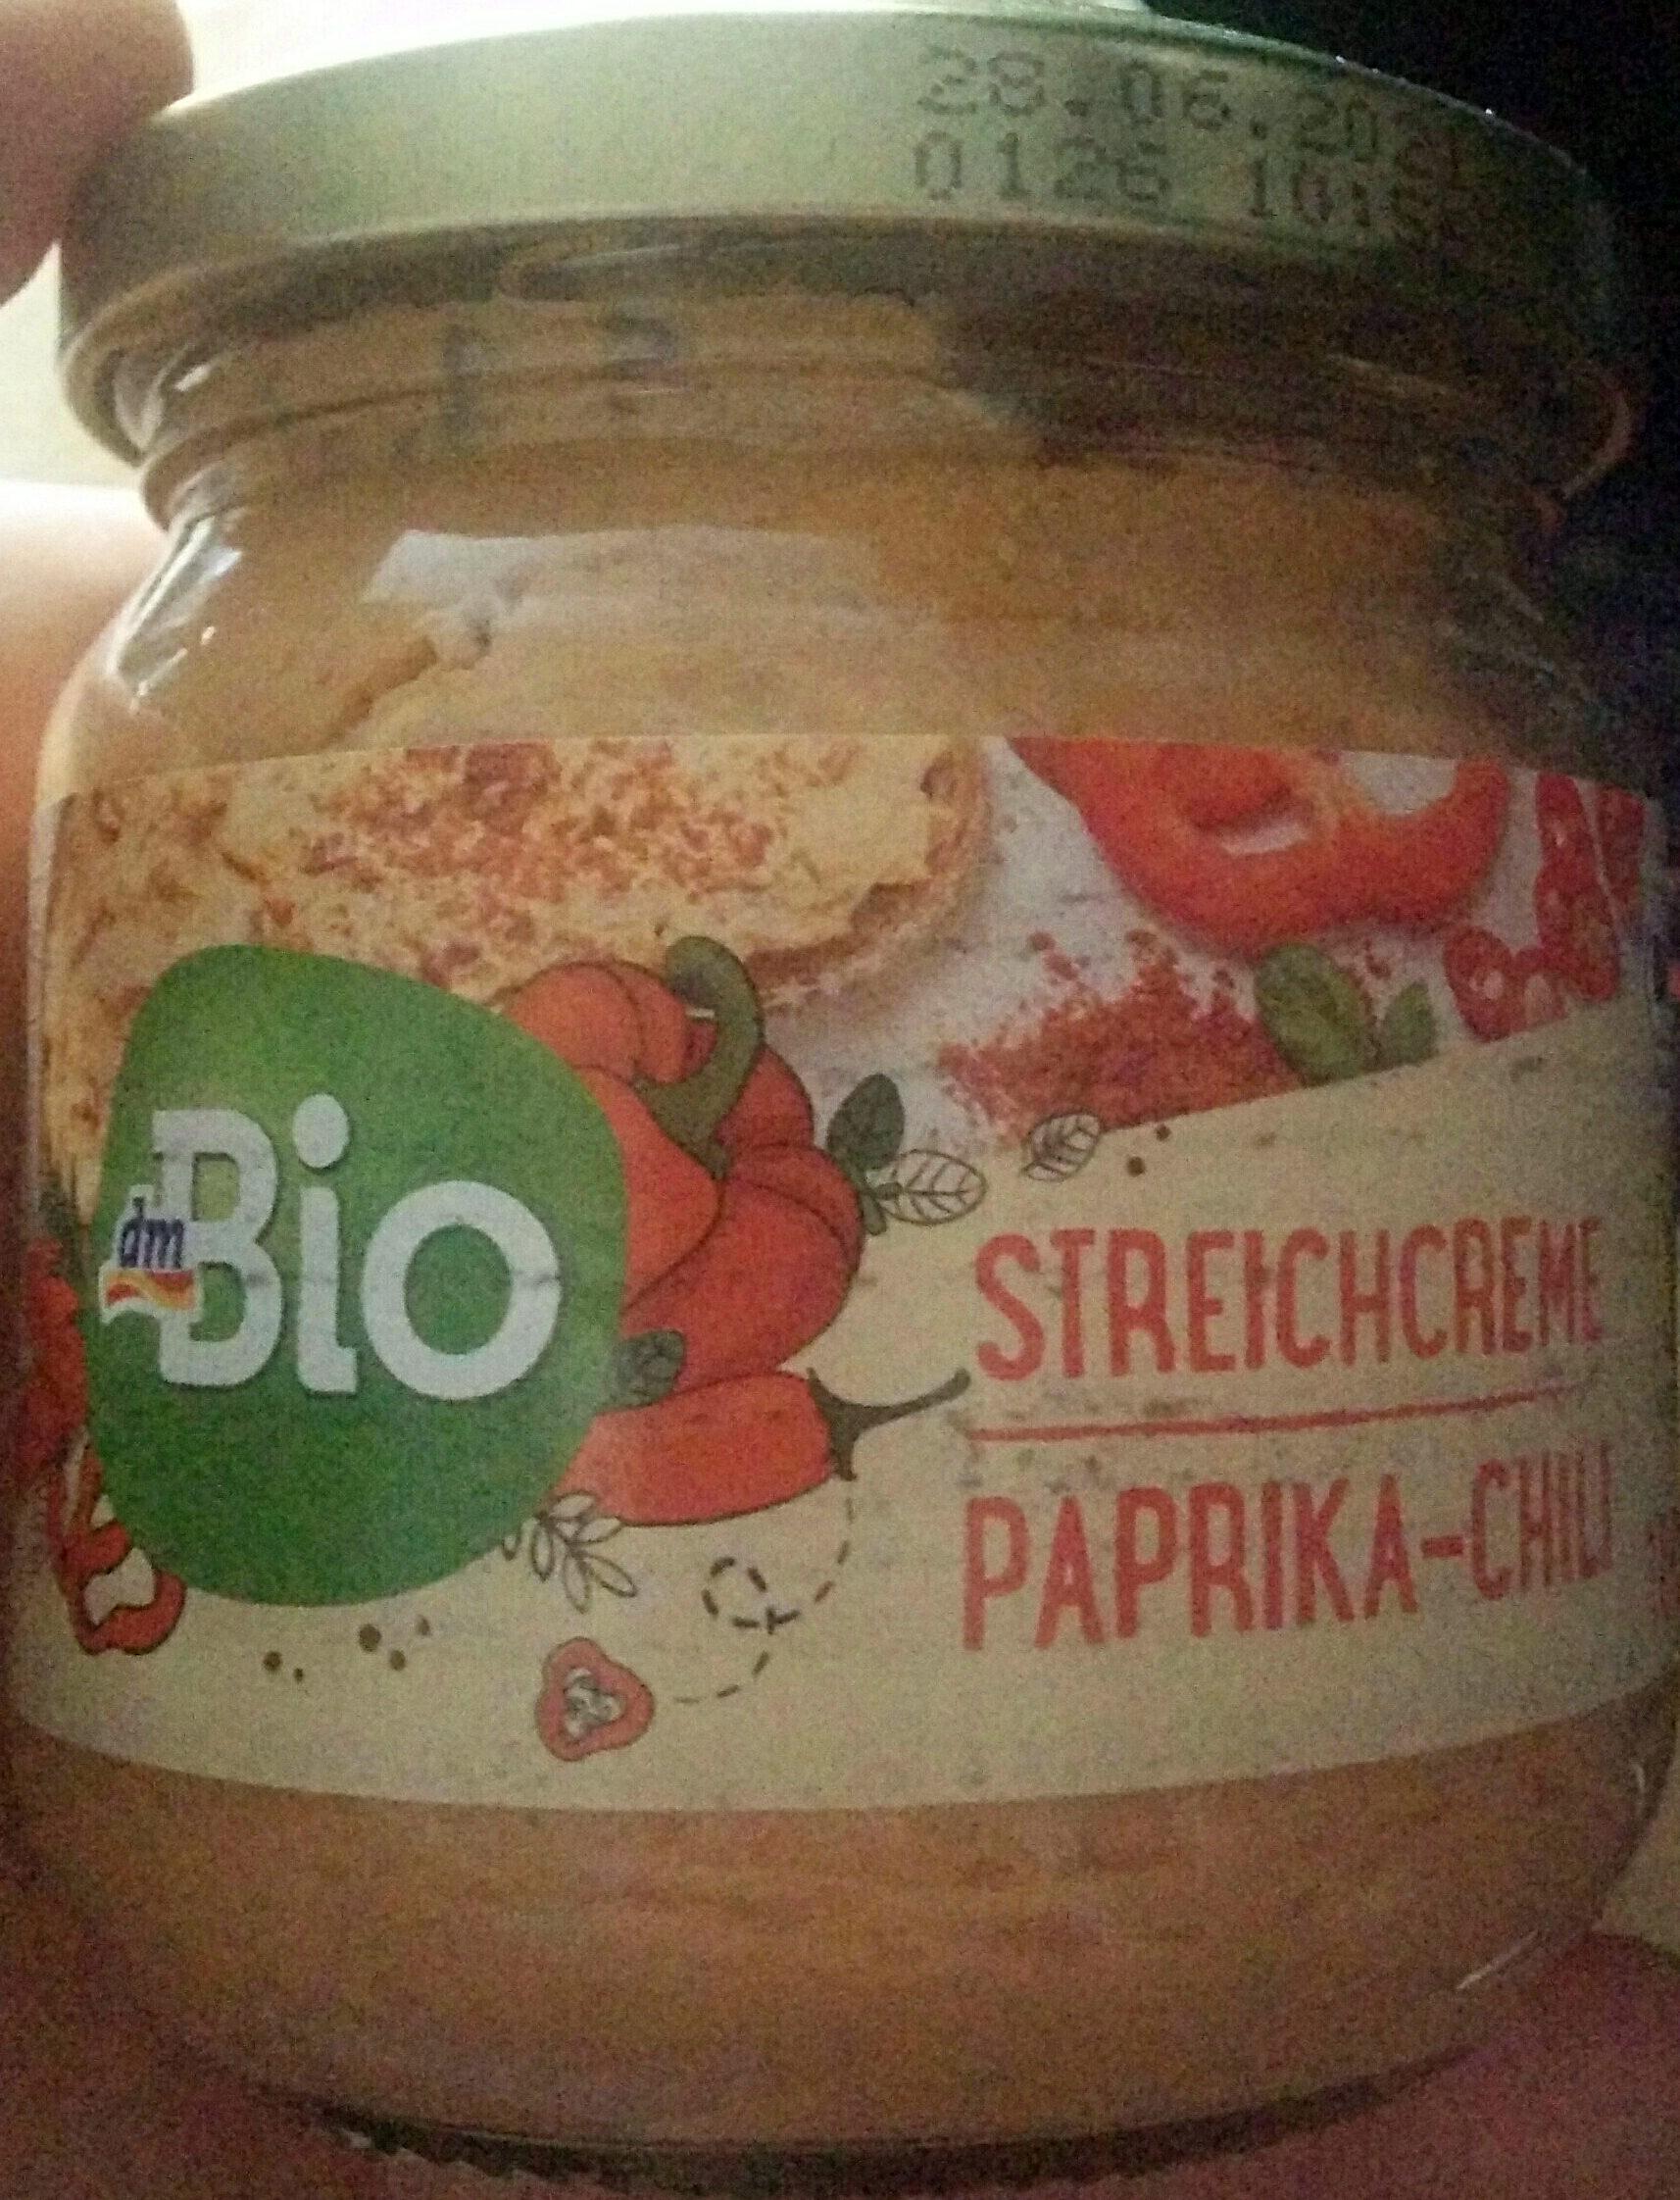 Streichcreme Paprika-Chili - Product